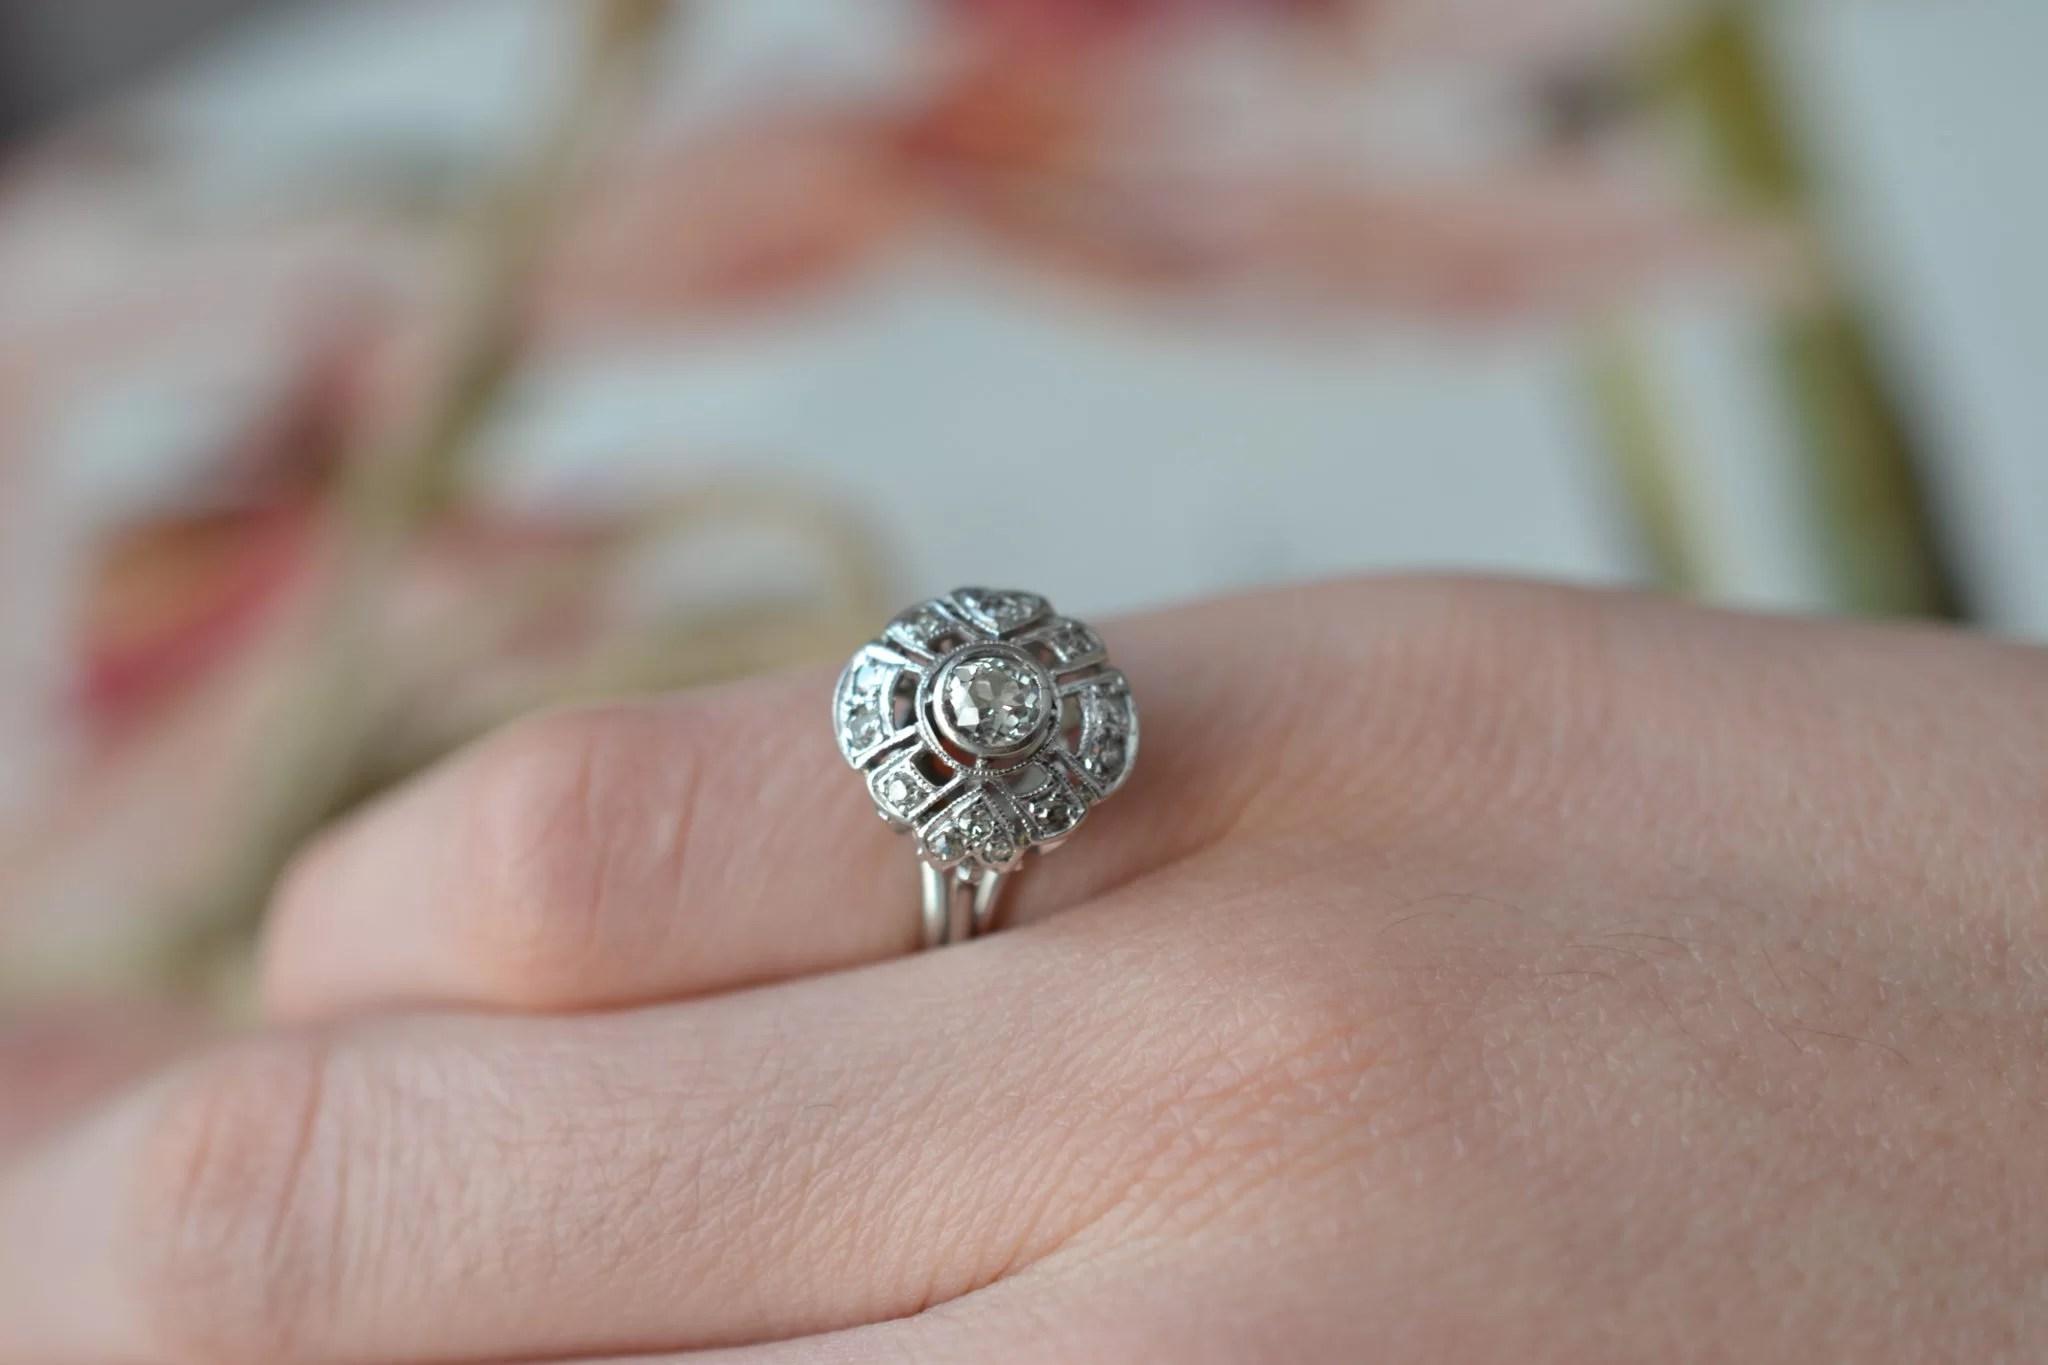 Bague solitaire en Or blanc sertie d_un diamant dans un entourage de brillants - bague pour un mariage éco-responsable